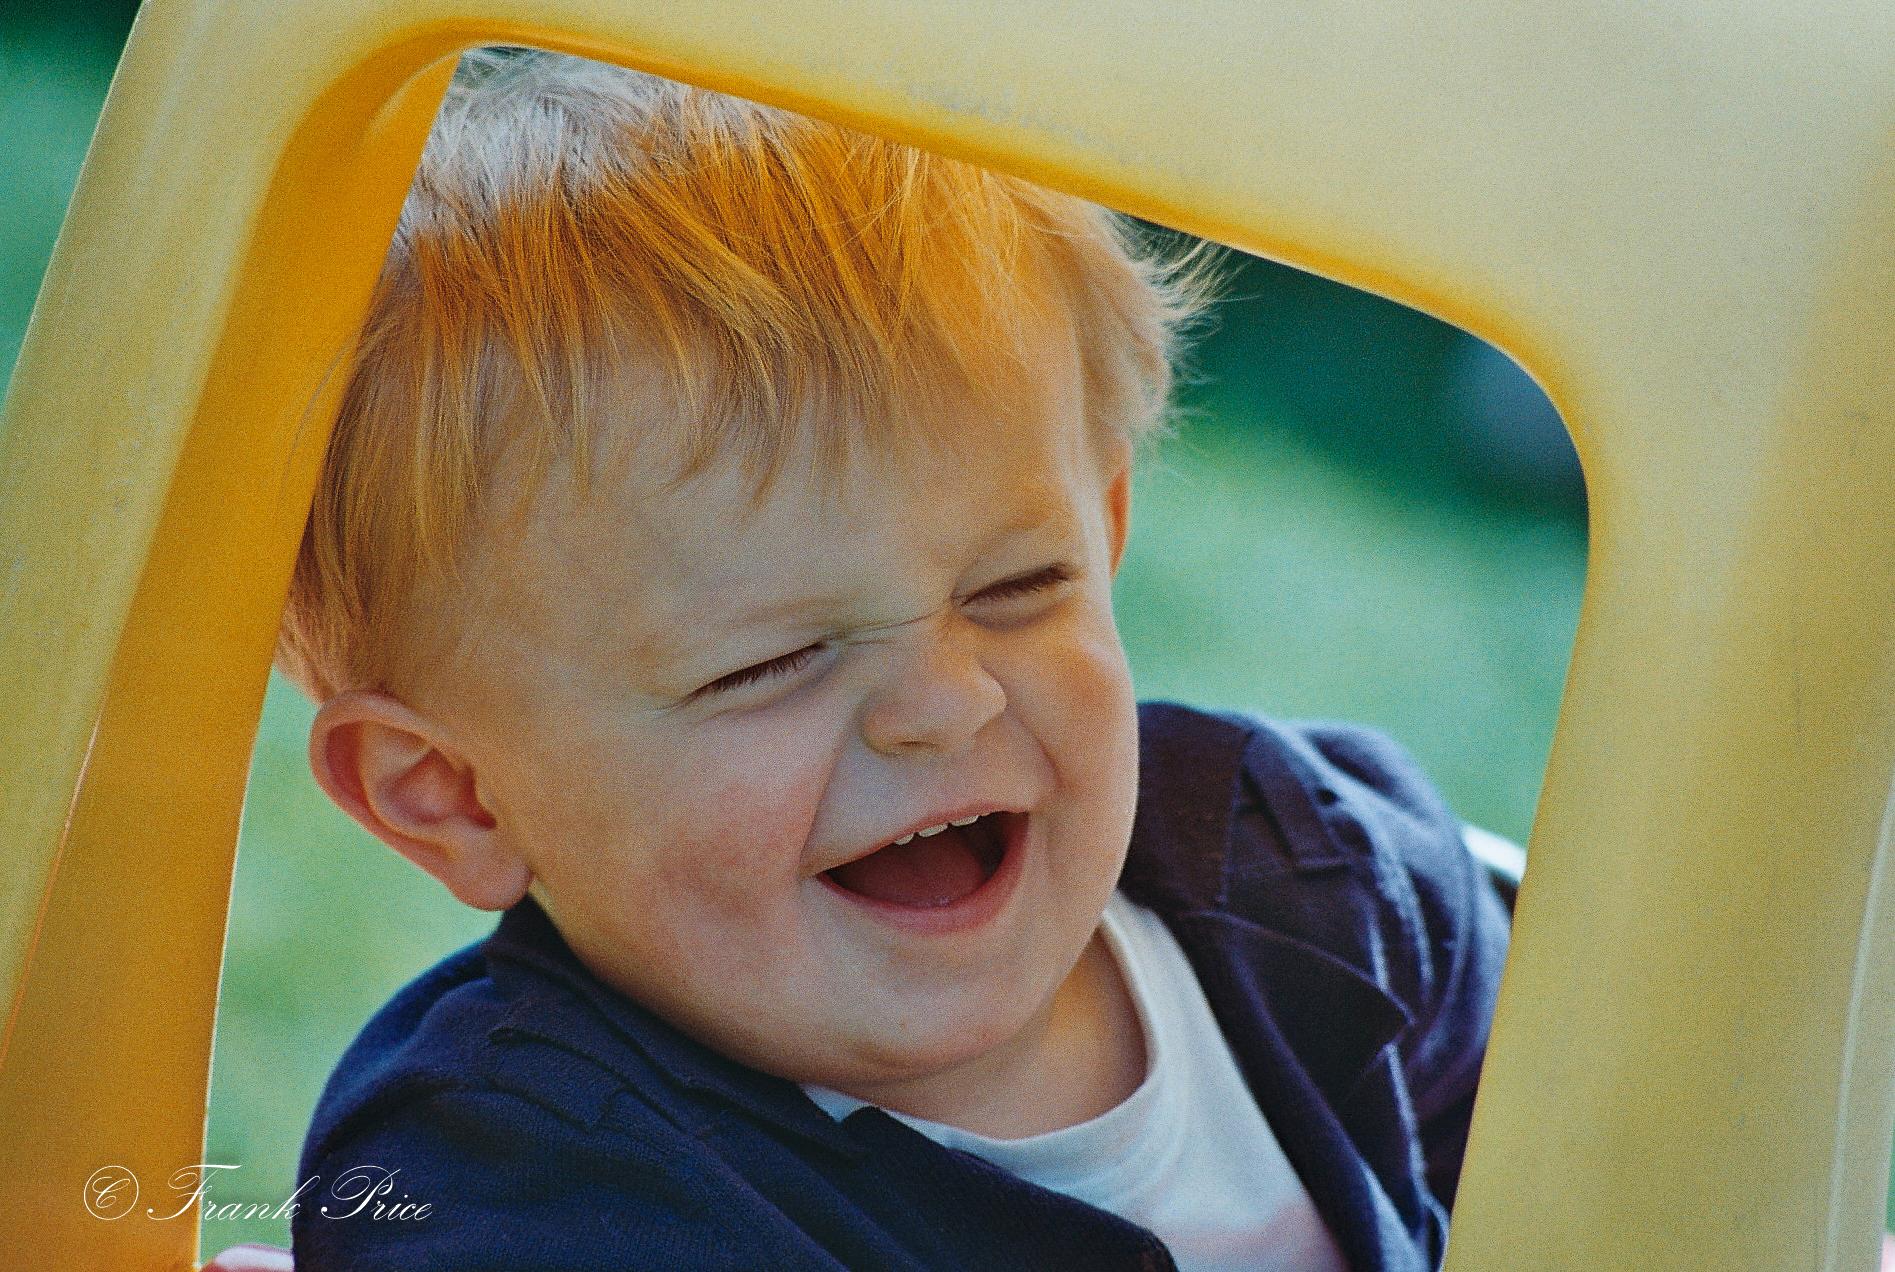 La gioia del riso...